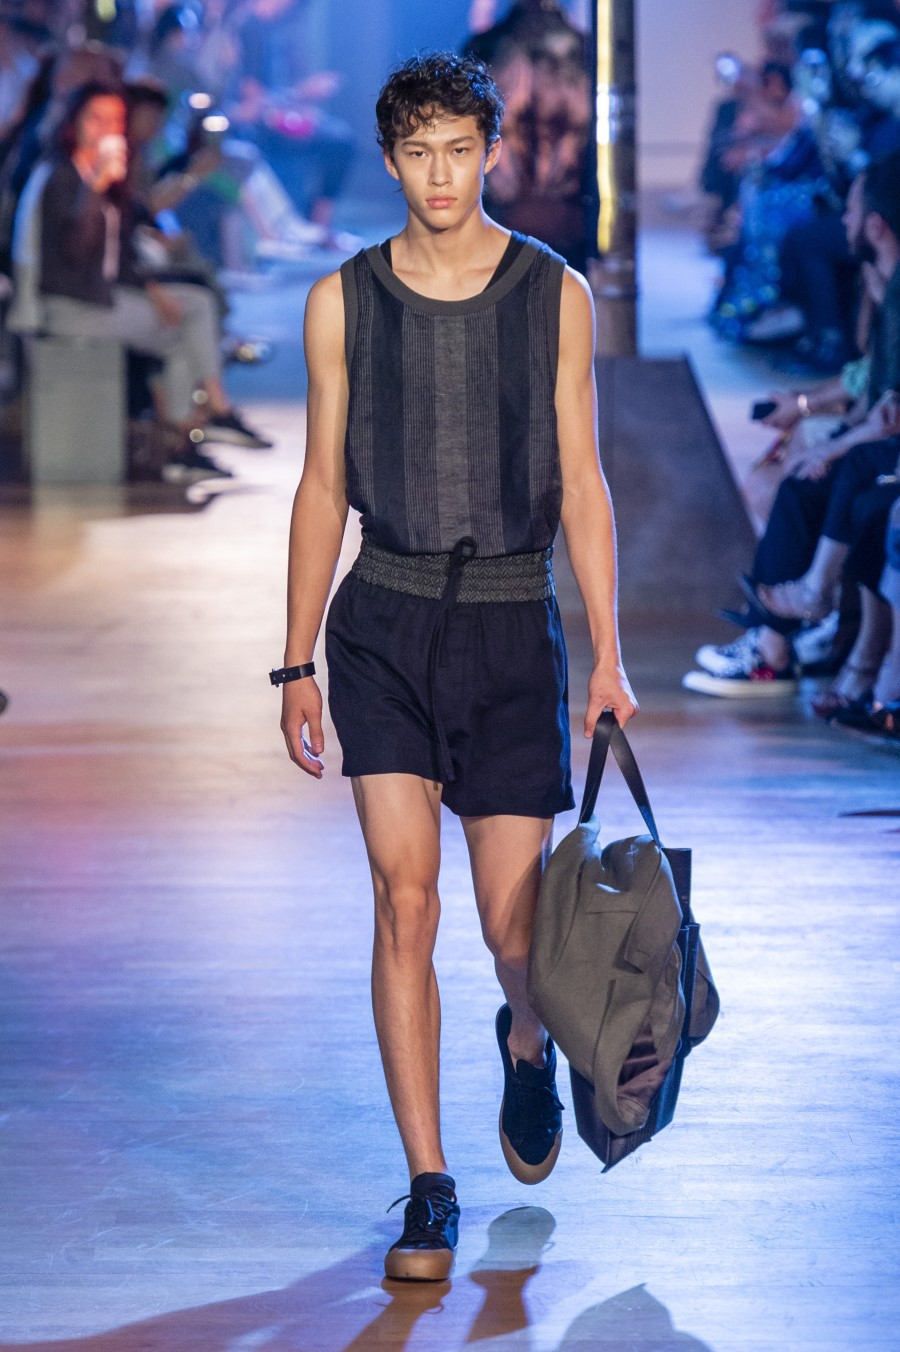 Cerruti 1881 Men's Spring Summer 2019 - Paris Fashion Week